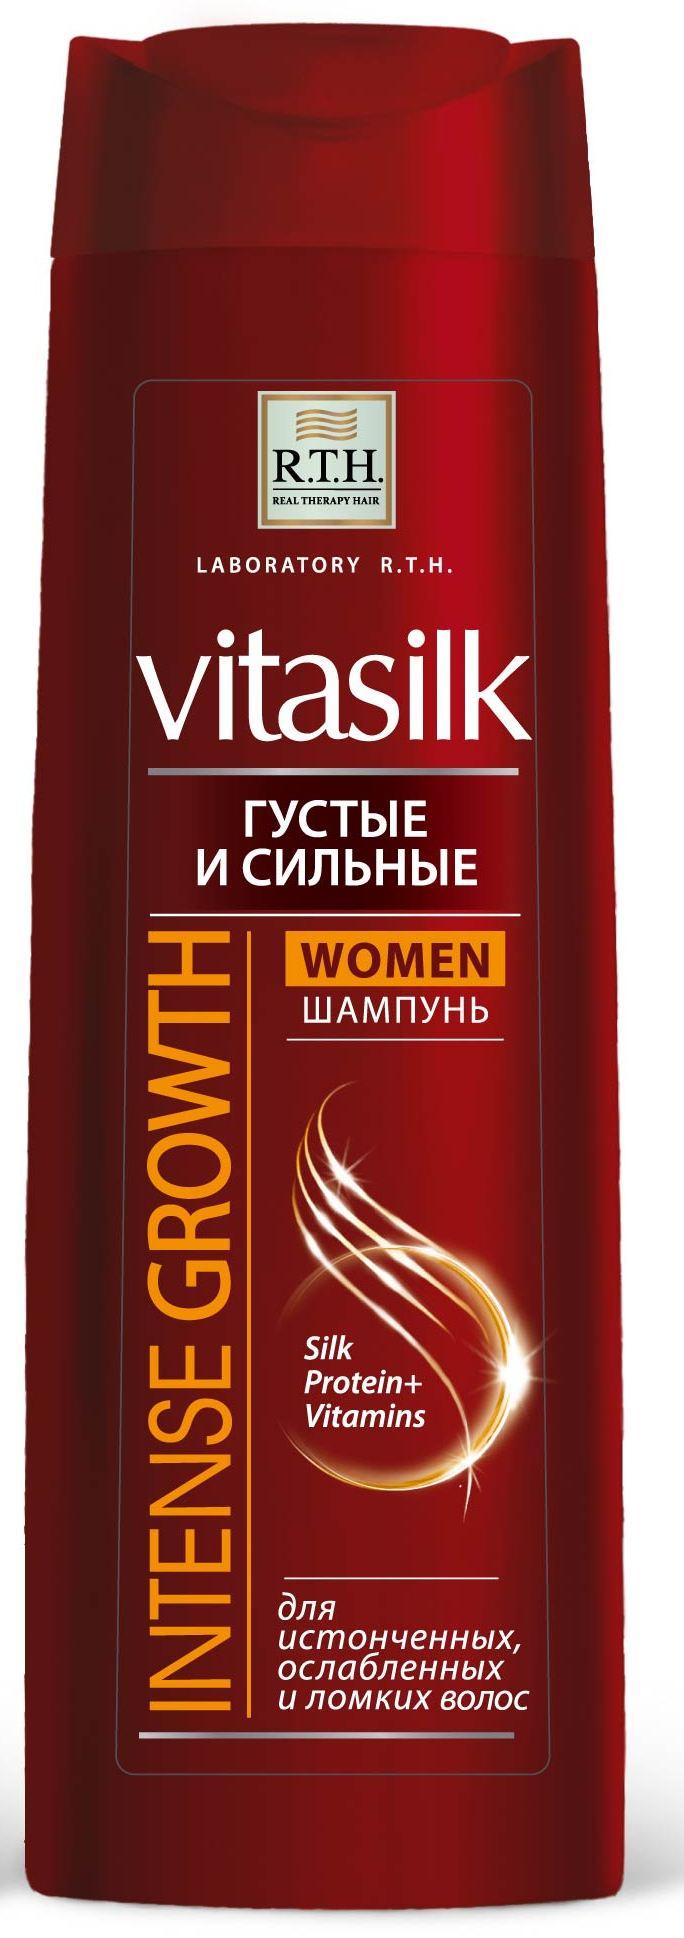 Шампунь для волос R.T.H. Vitasilk WOMEN Густые и сильные